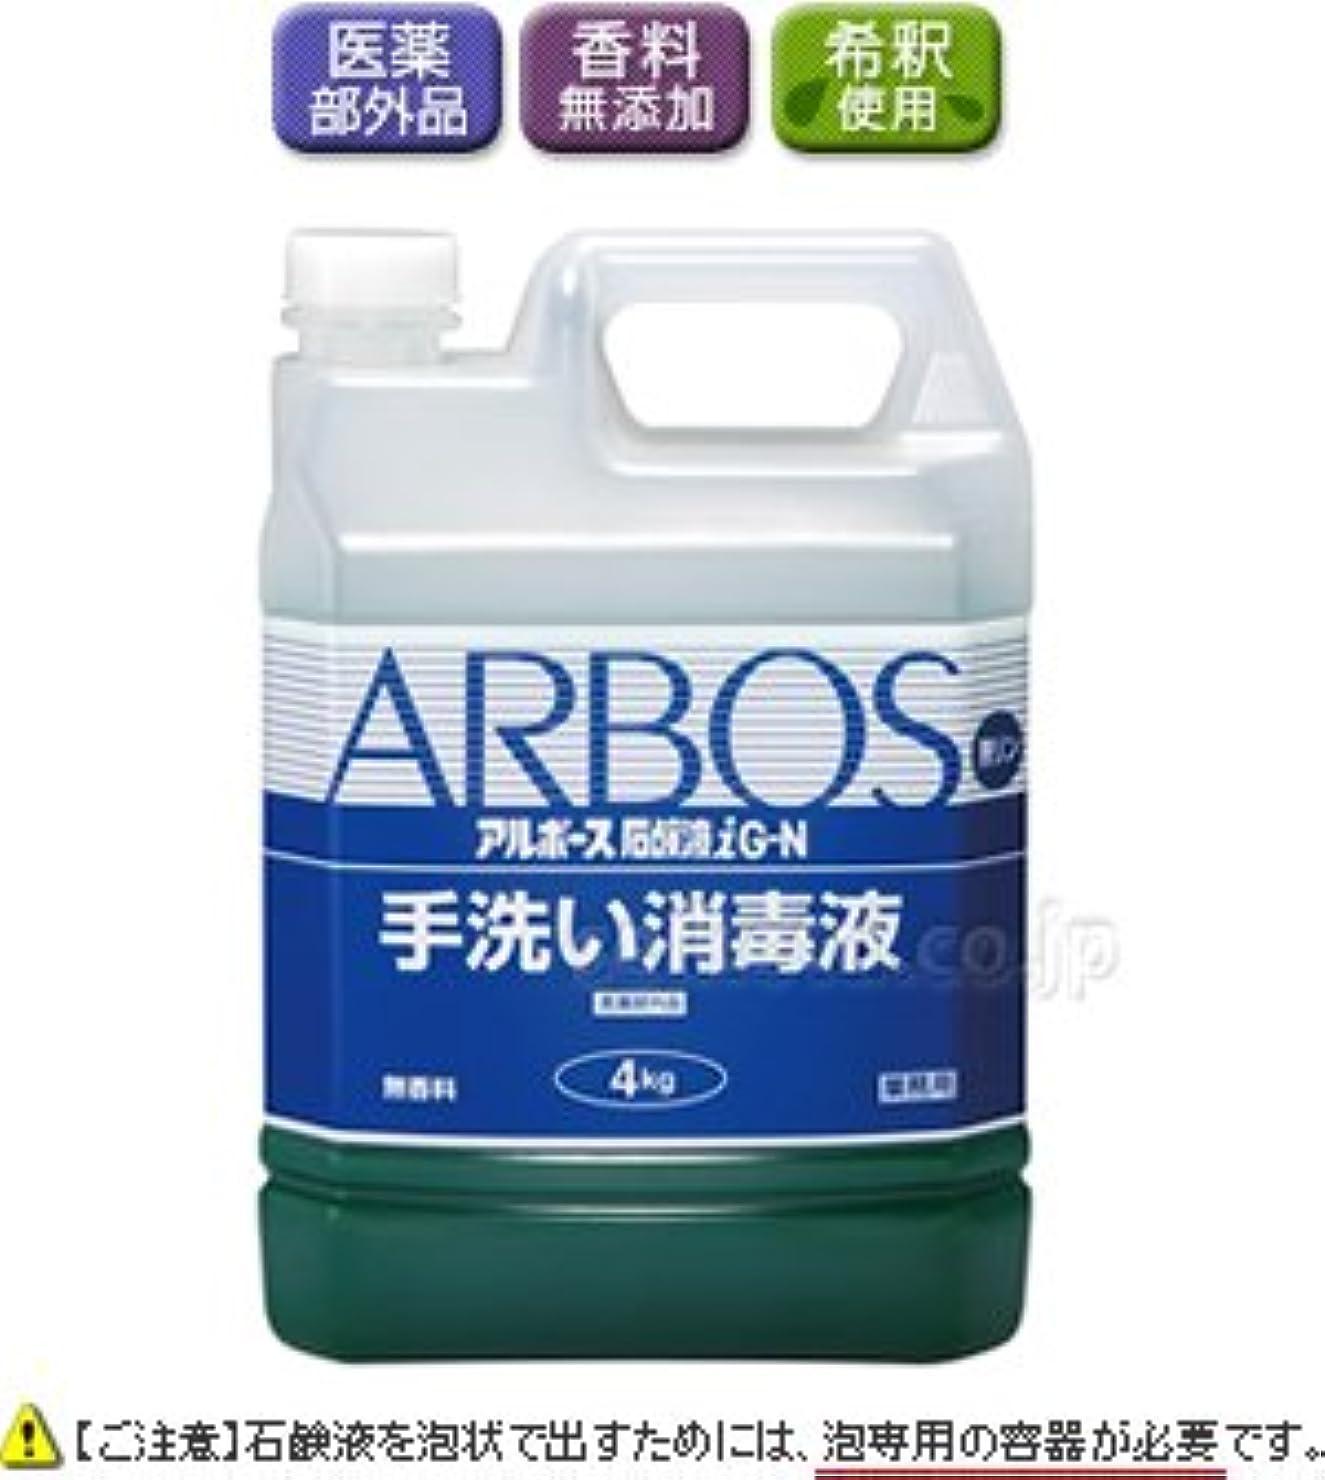 その間破滅近代化【清潔キレイ館】アルボース石鹸液iG-N(4kg×1本)